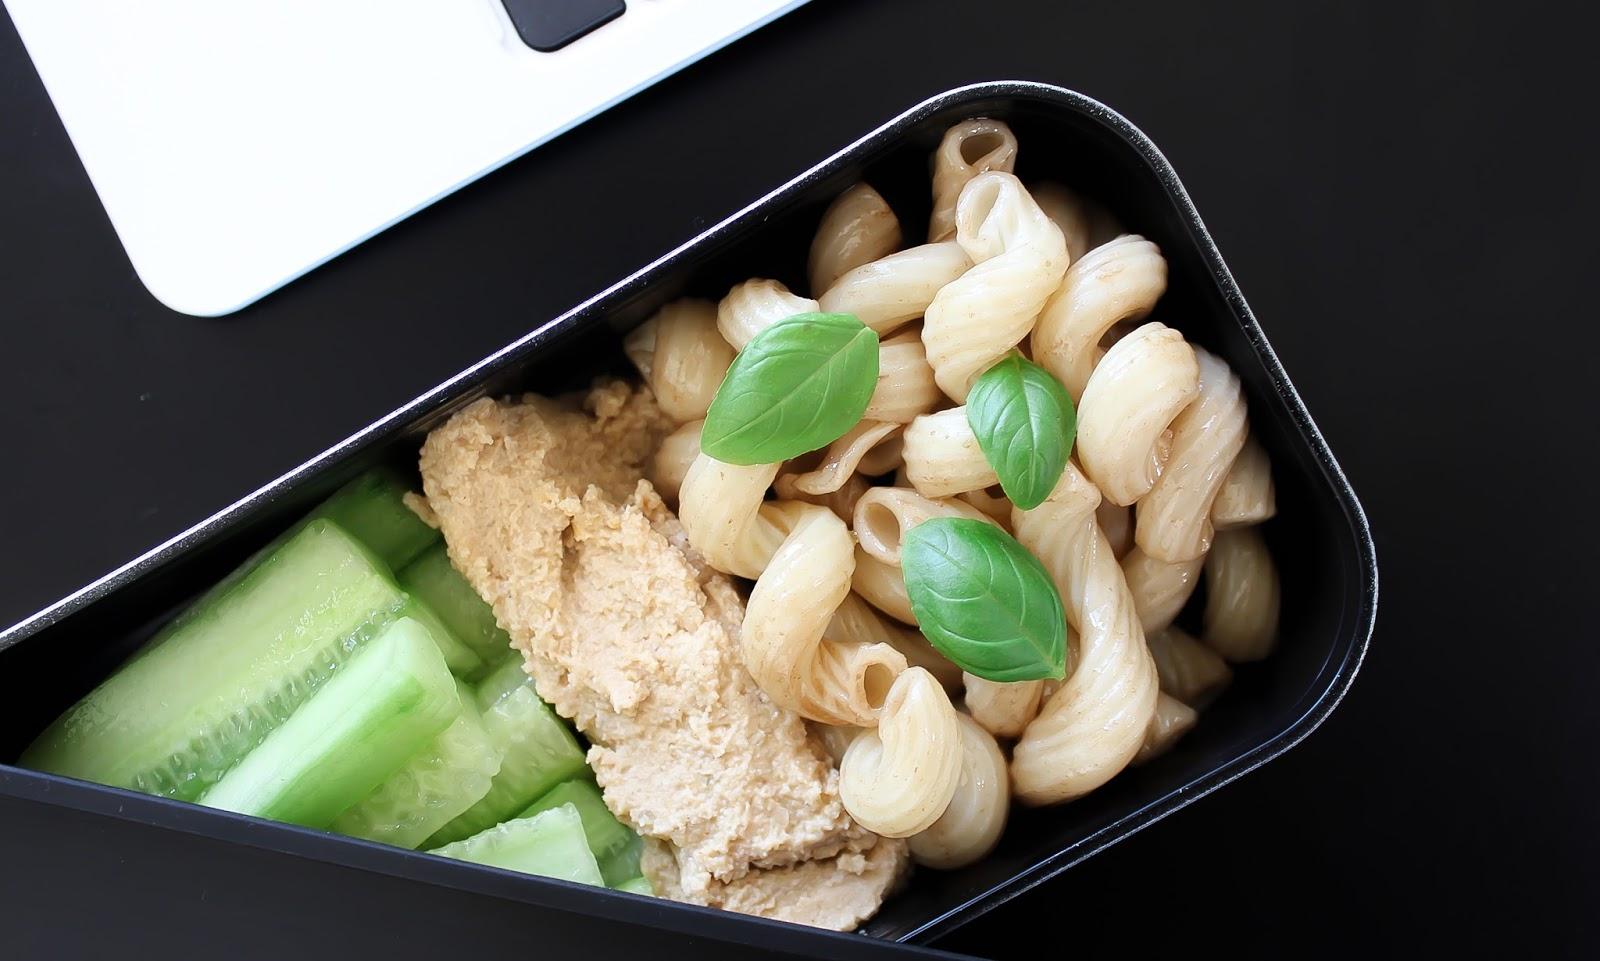 astuces lunchbox bento box zero dechet au travail à l'école dejeuner repas